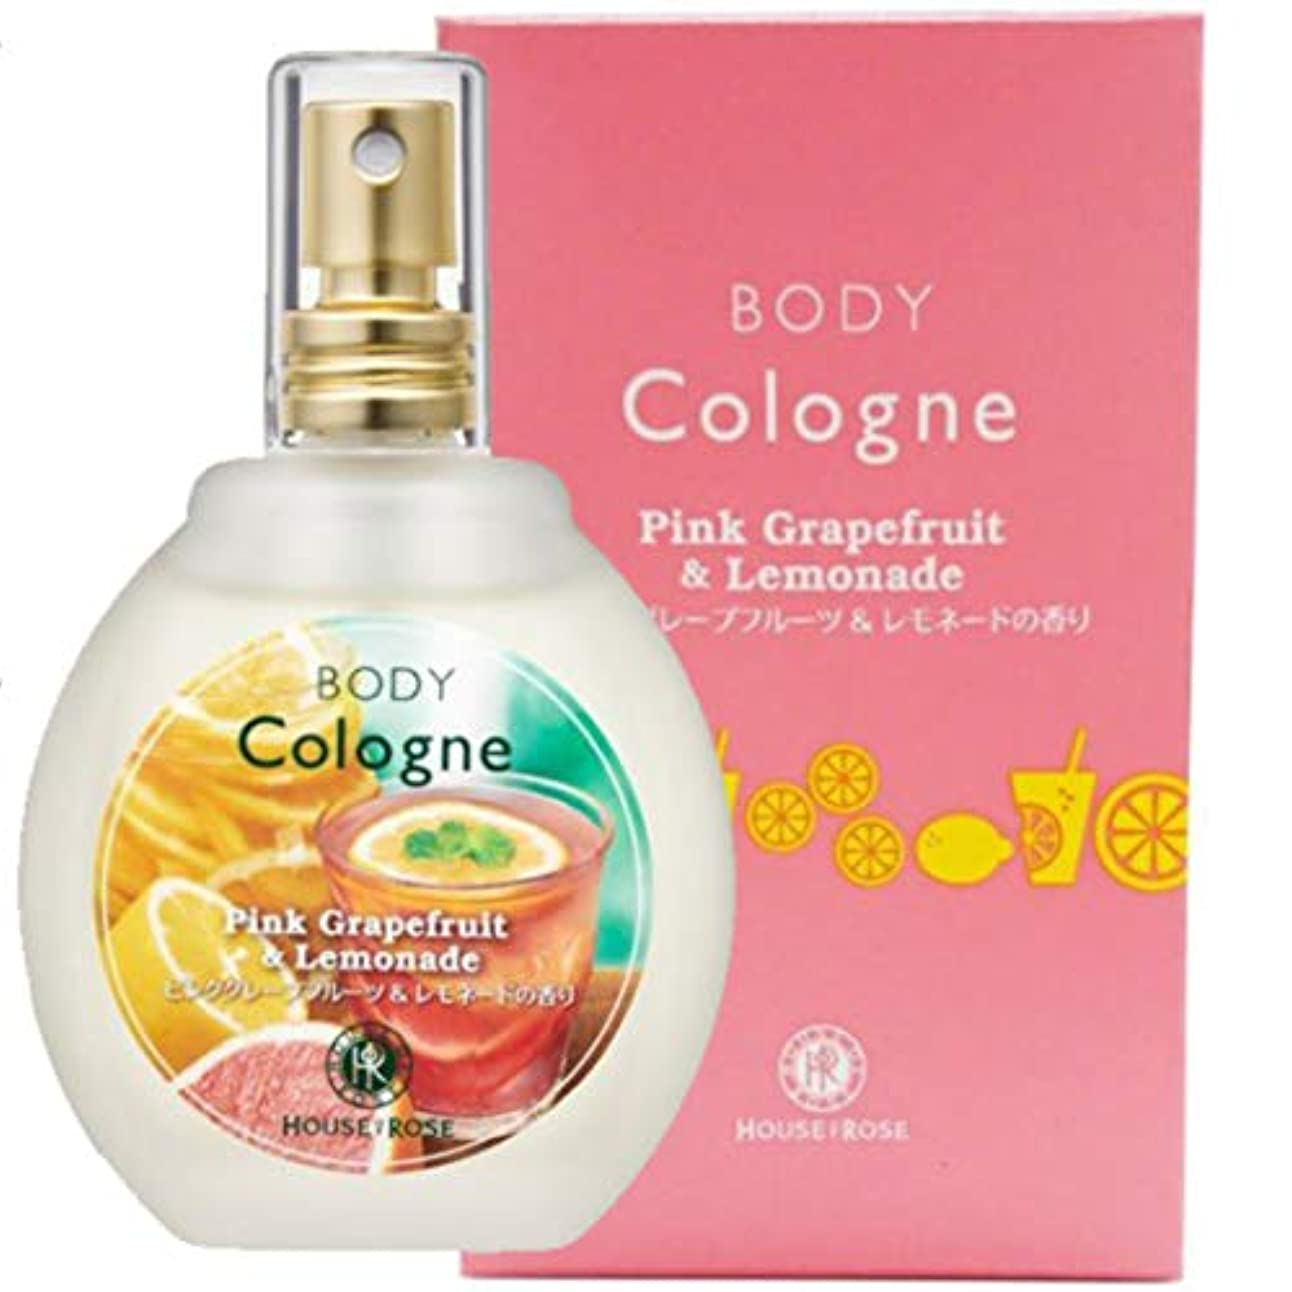 スーツケースルーチン直面するHOUSE OF ROSE(ハウスオブローゼ) ボディコロン PL(ピンクグレープフルーツ&レモネードの香り)45mL